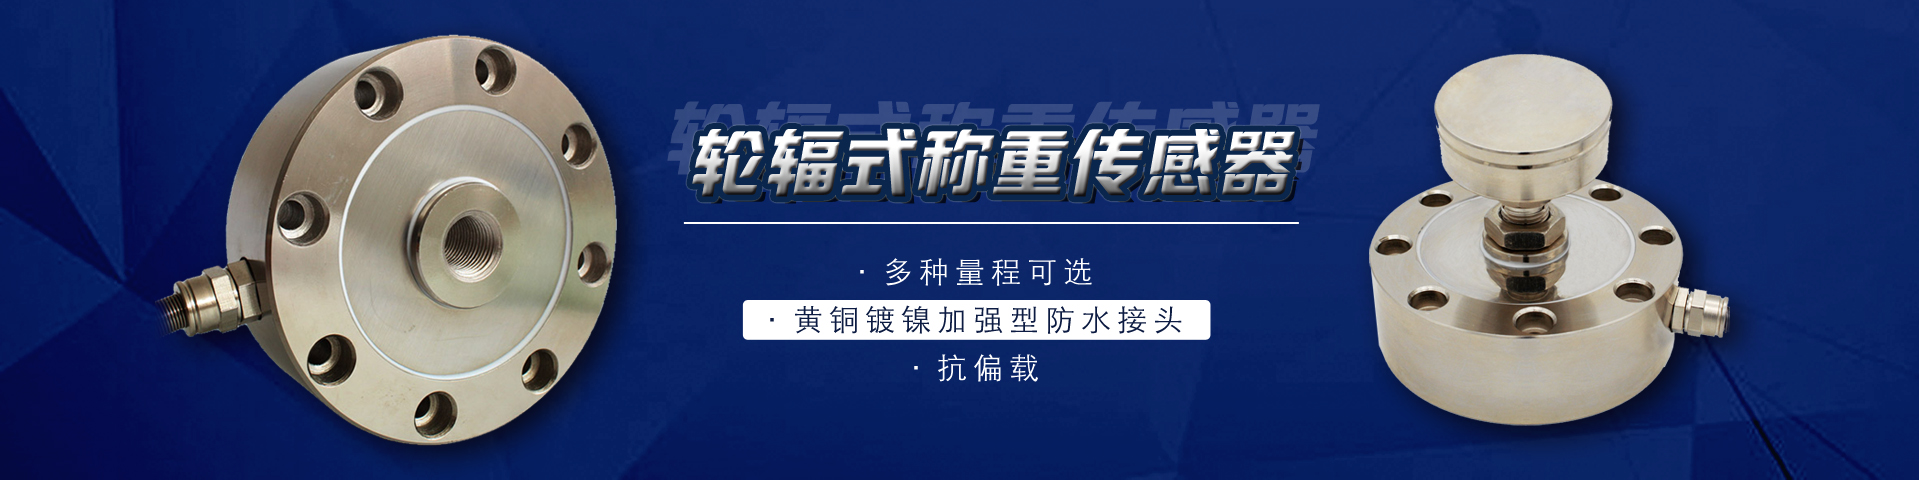 南京凯基特电气有限公司